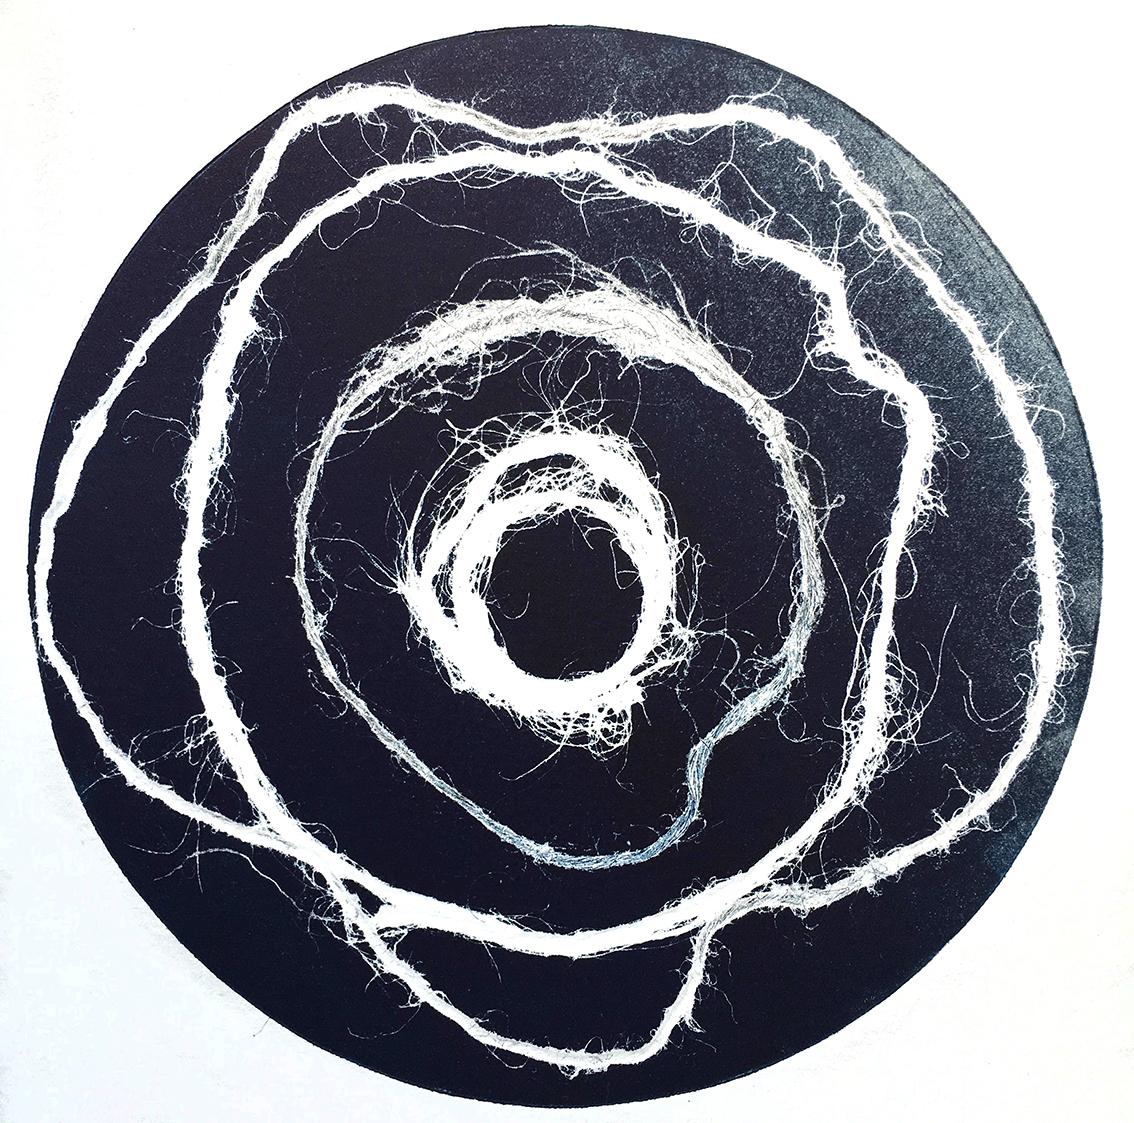 Vinyl Lines I, monotype